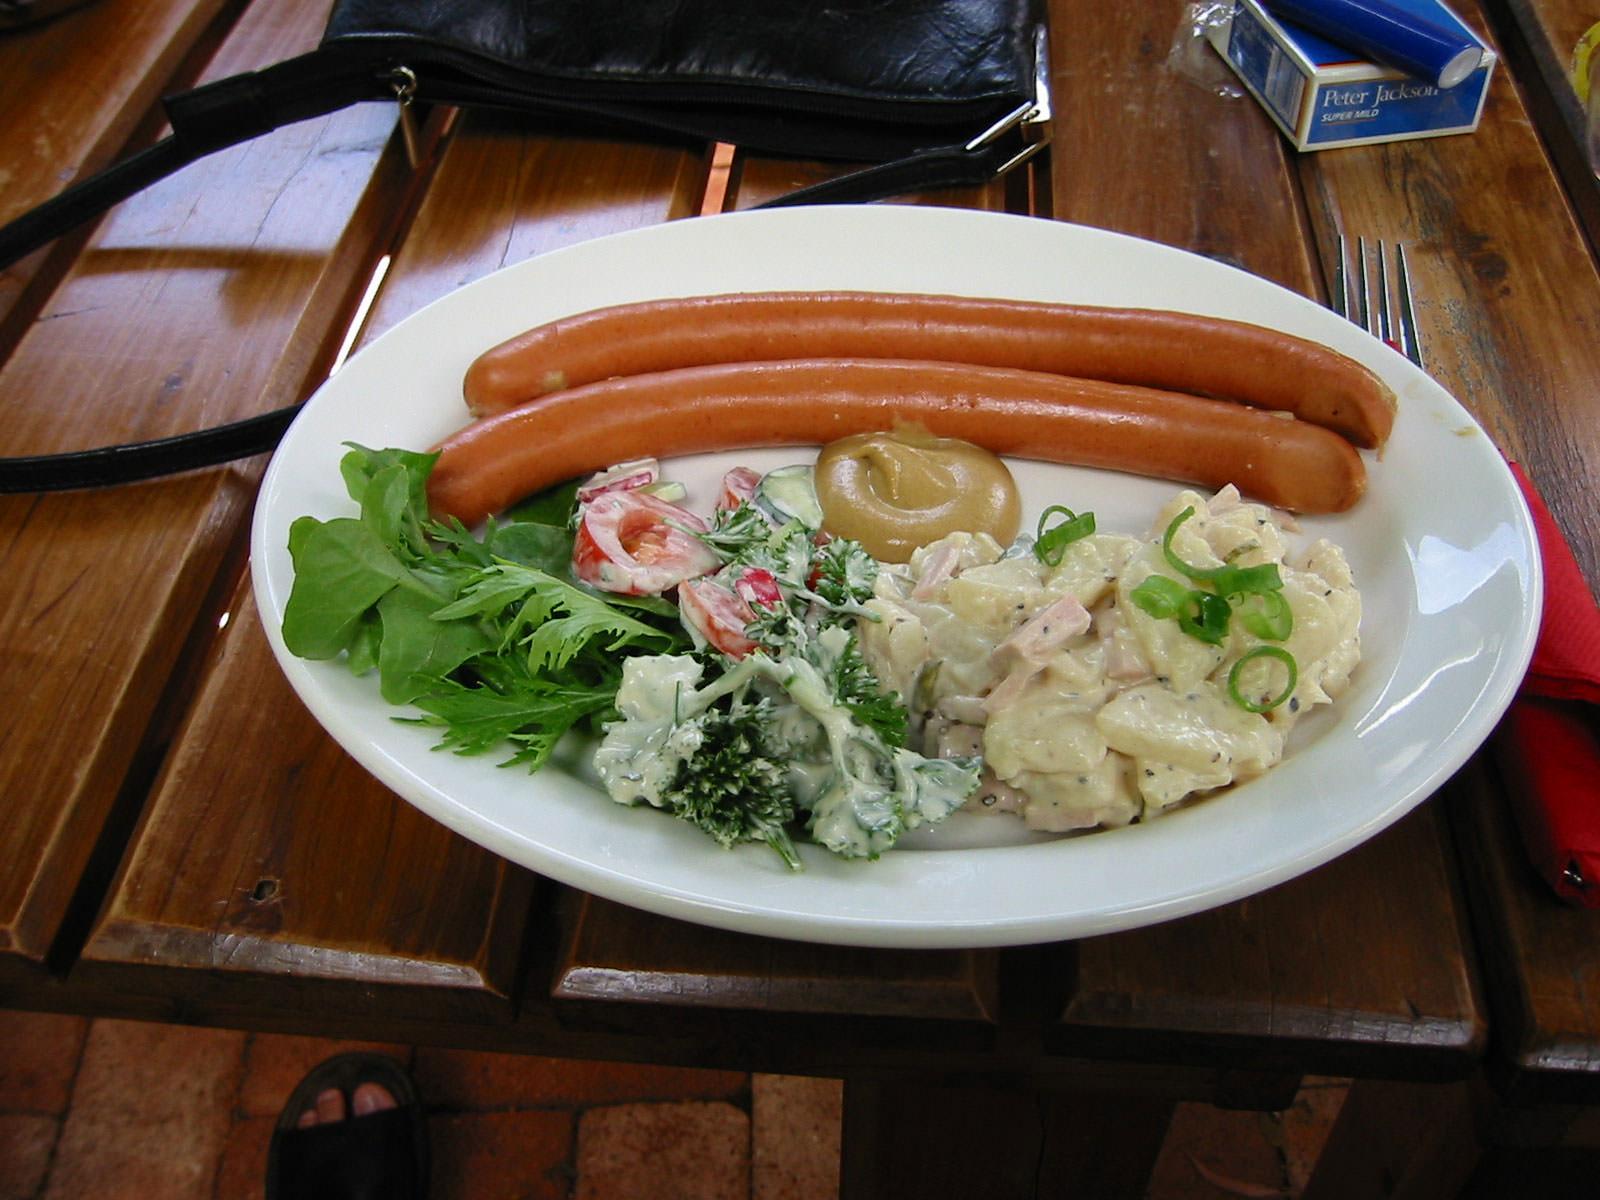 Frankfurters and potato salad